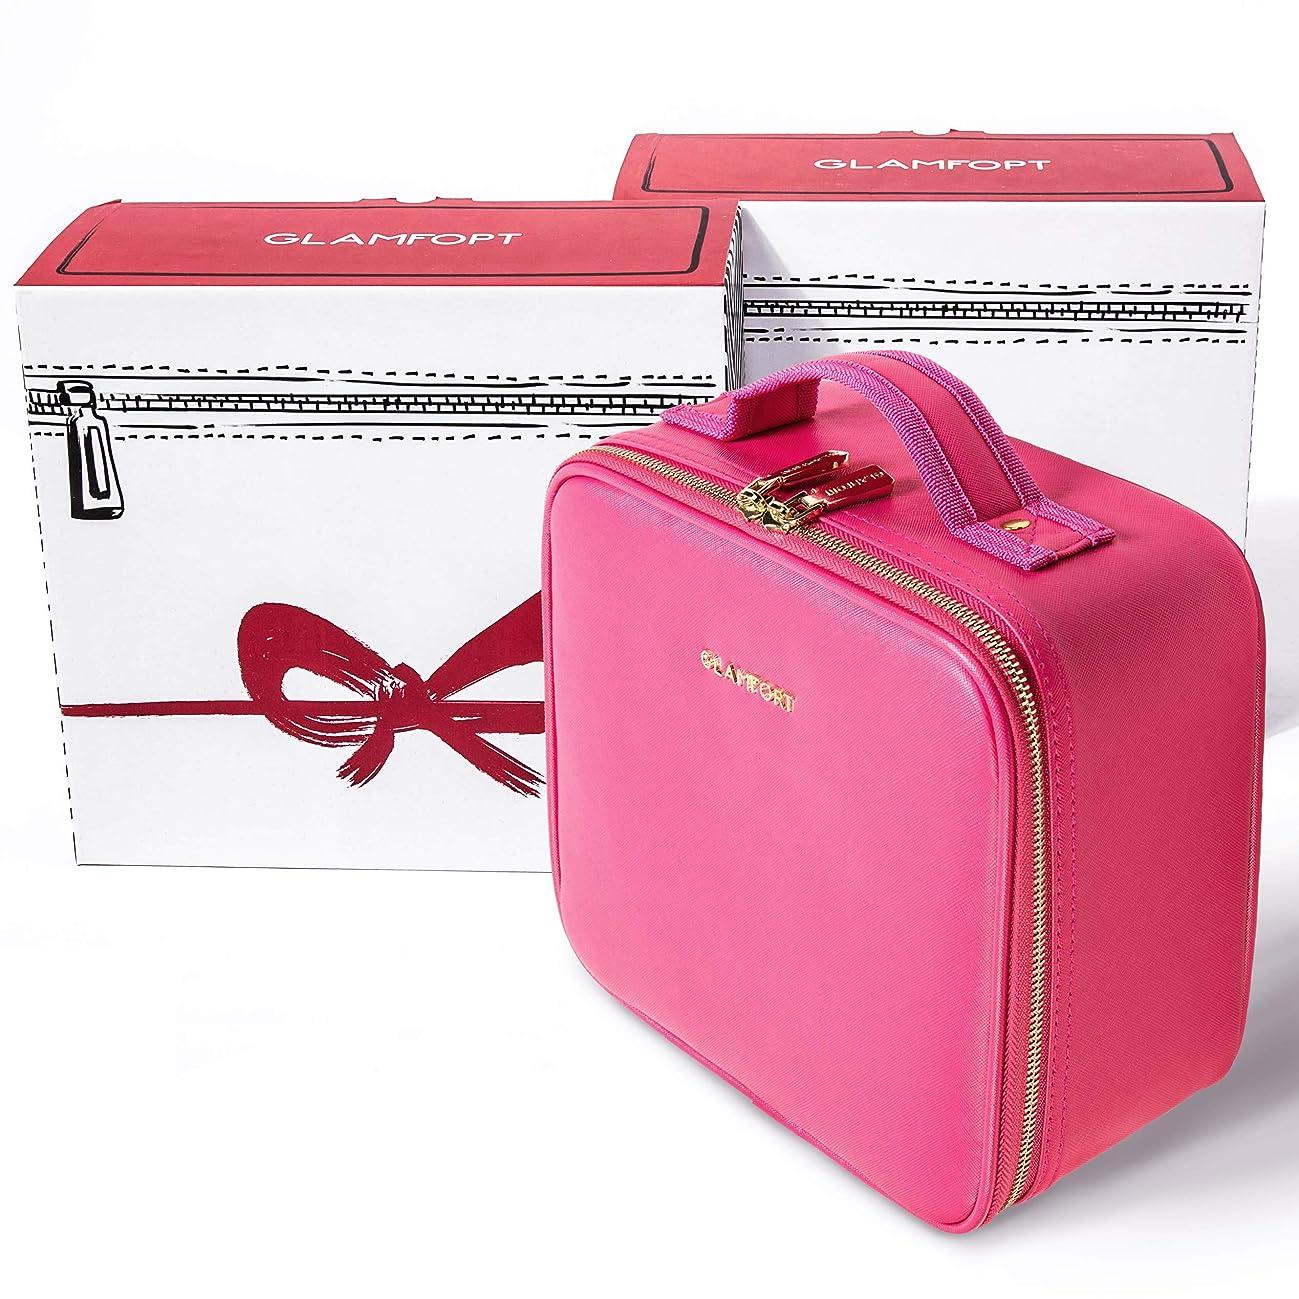 胆嚢腕容器コスメバック化粧ポーチコスメポーチローズレッドの高品質の旅行コスメポーチGLAMFORT